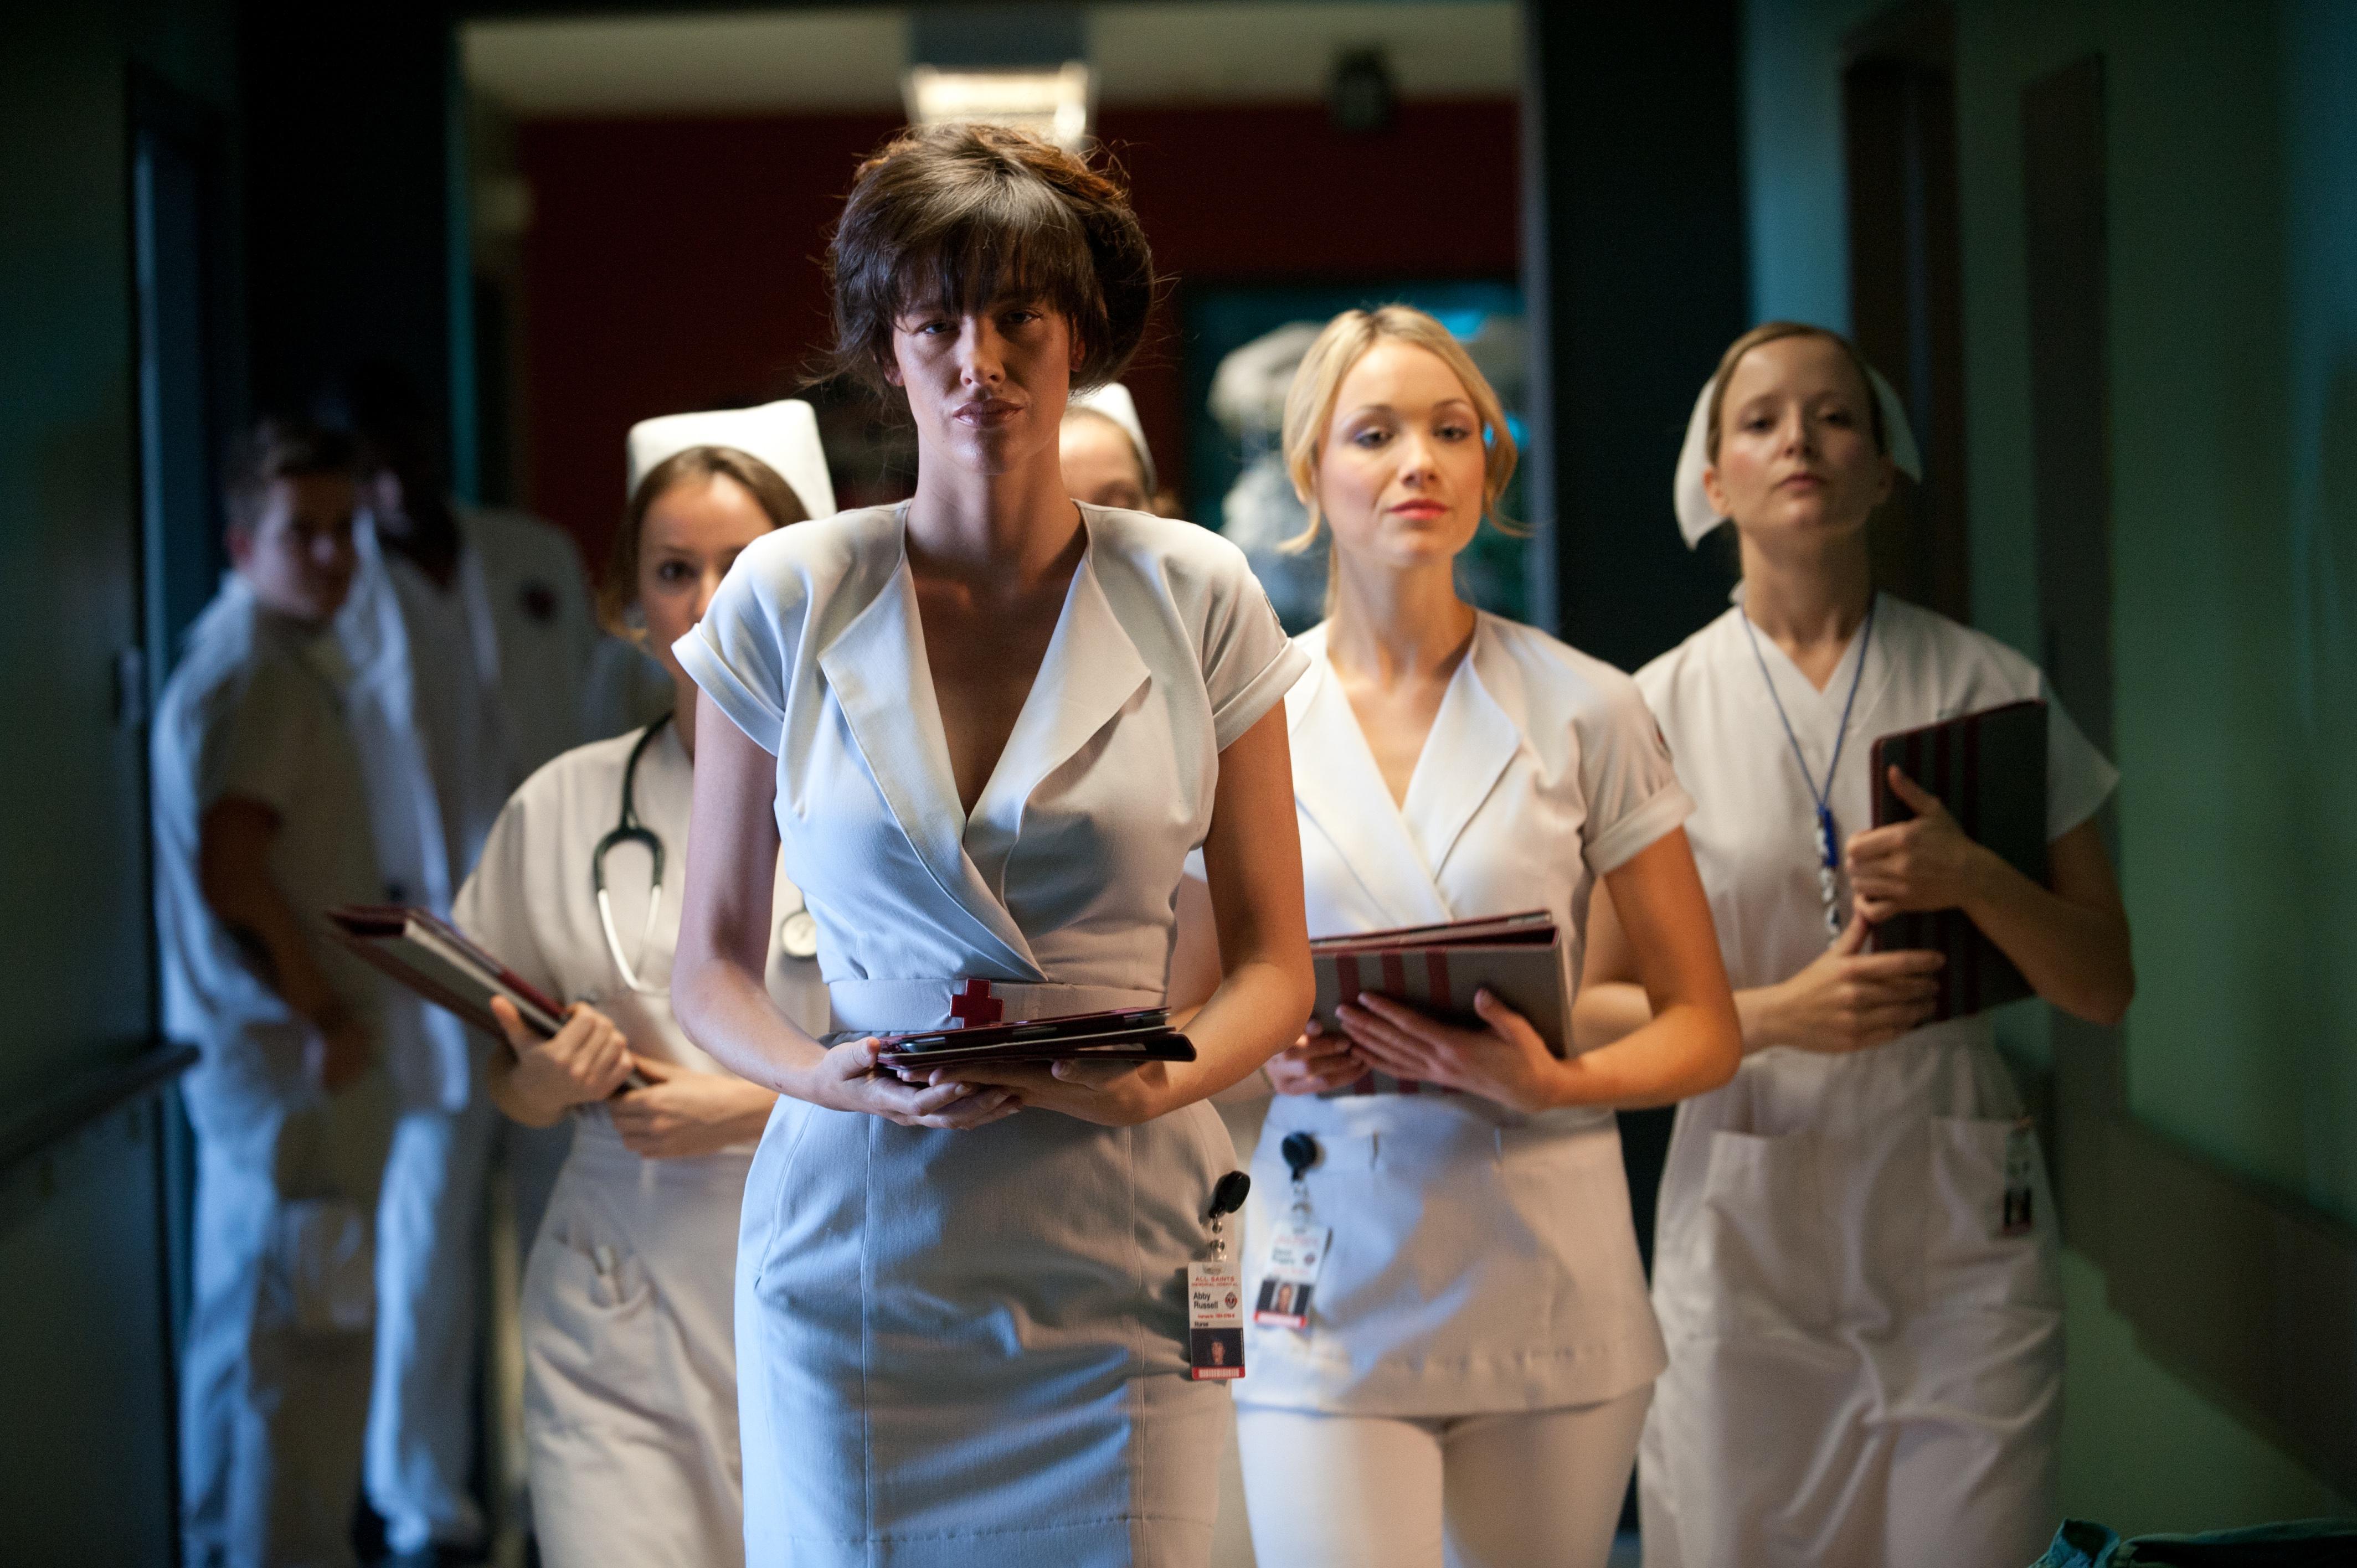 Смотреть про медсестер бесплатно 3 фотография